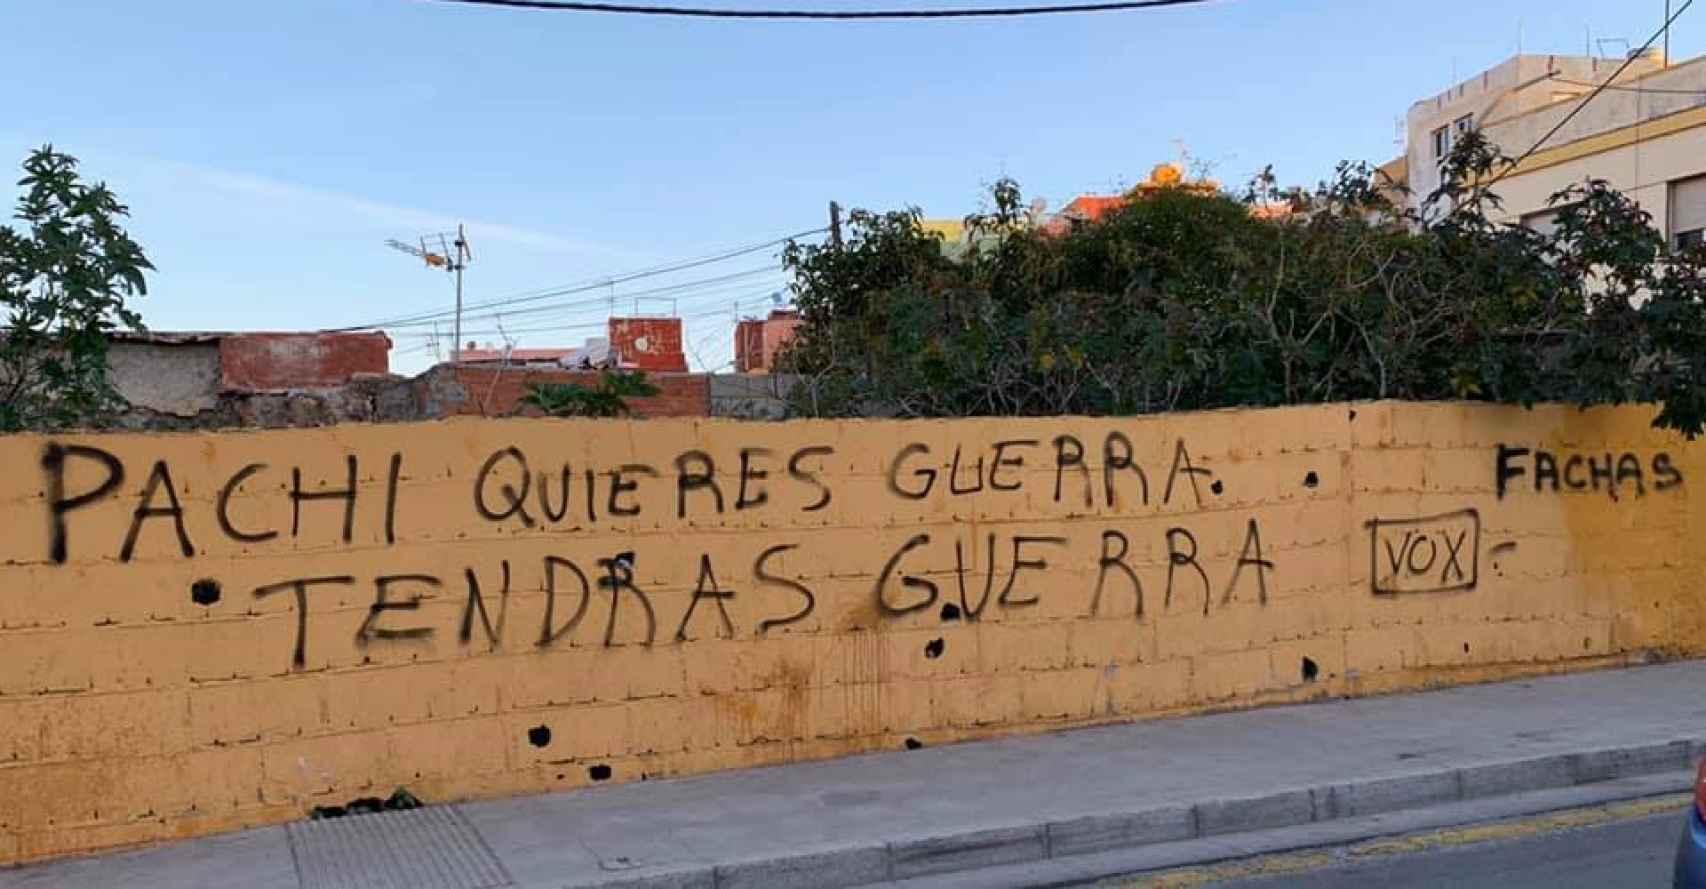 Pintadas contra el concejal de Vox, Francisco José Ruiz 'Pachi'.